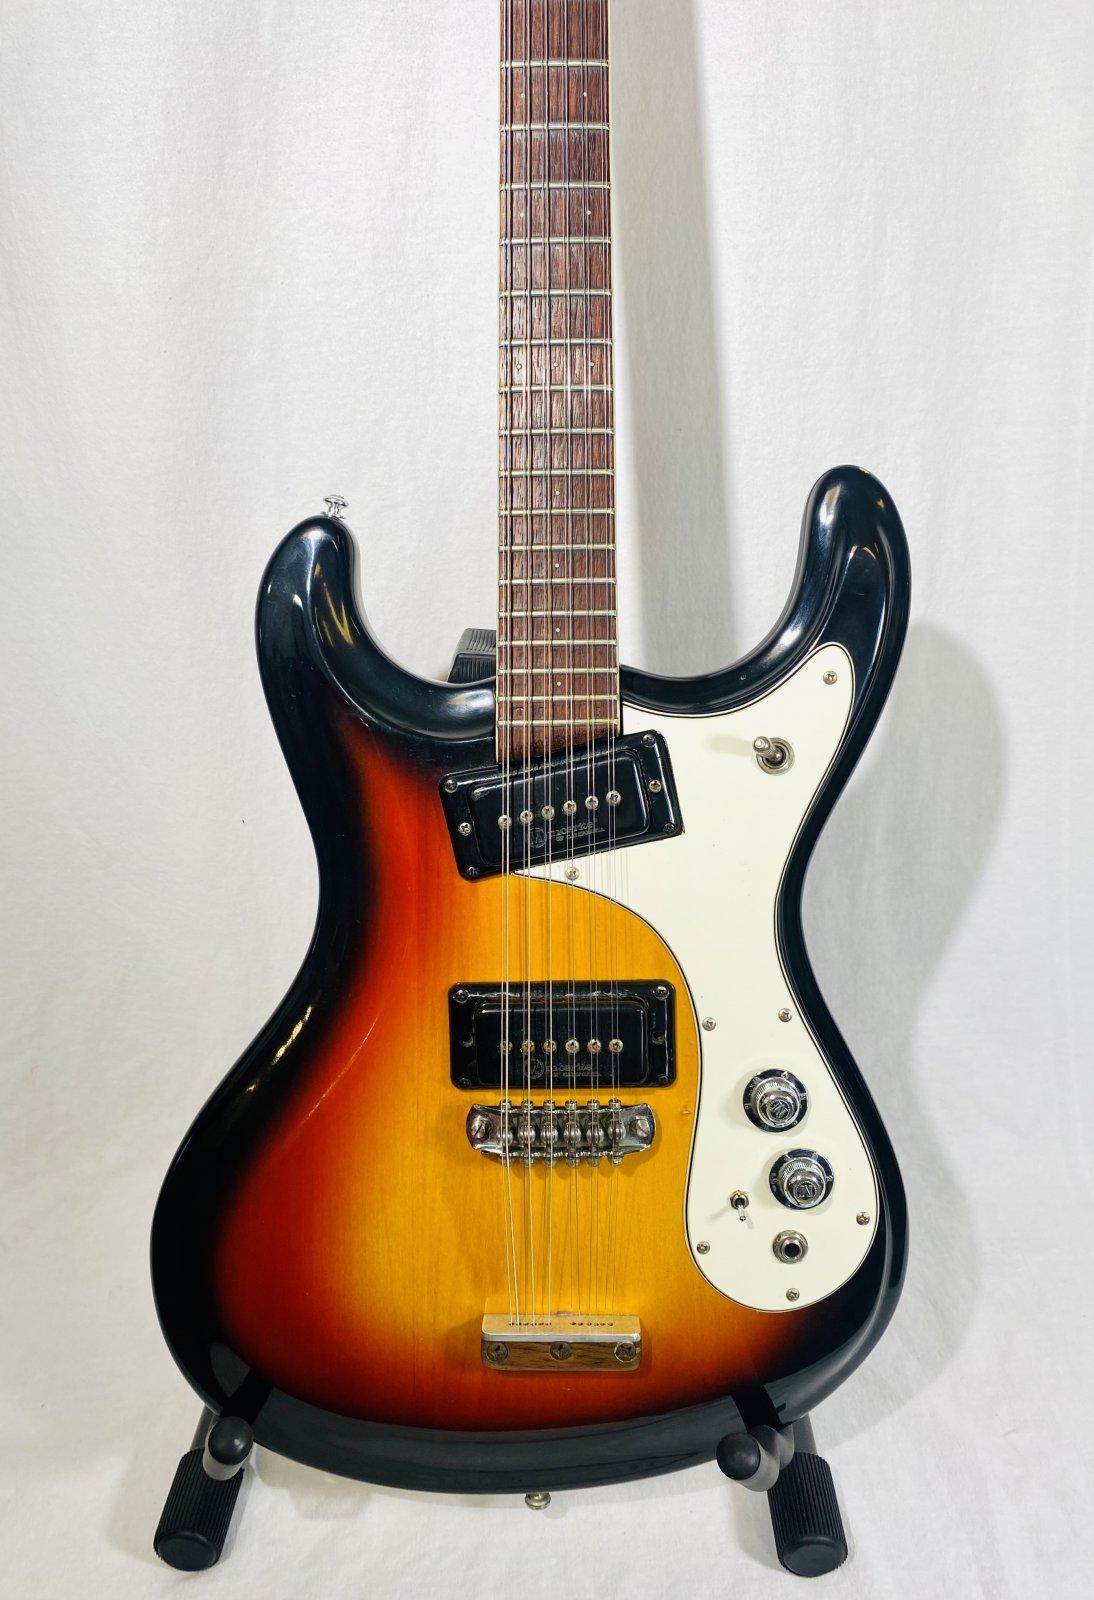 MOSRITE CALIFORNIA MK XII 12-STRING ELECTRIC GUITAR W/CASE, 1968